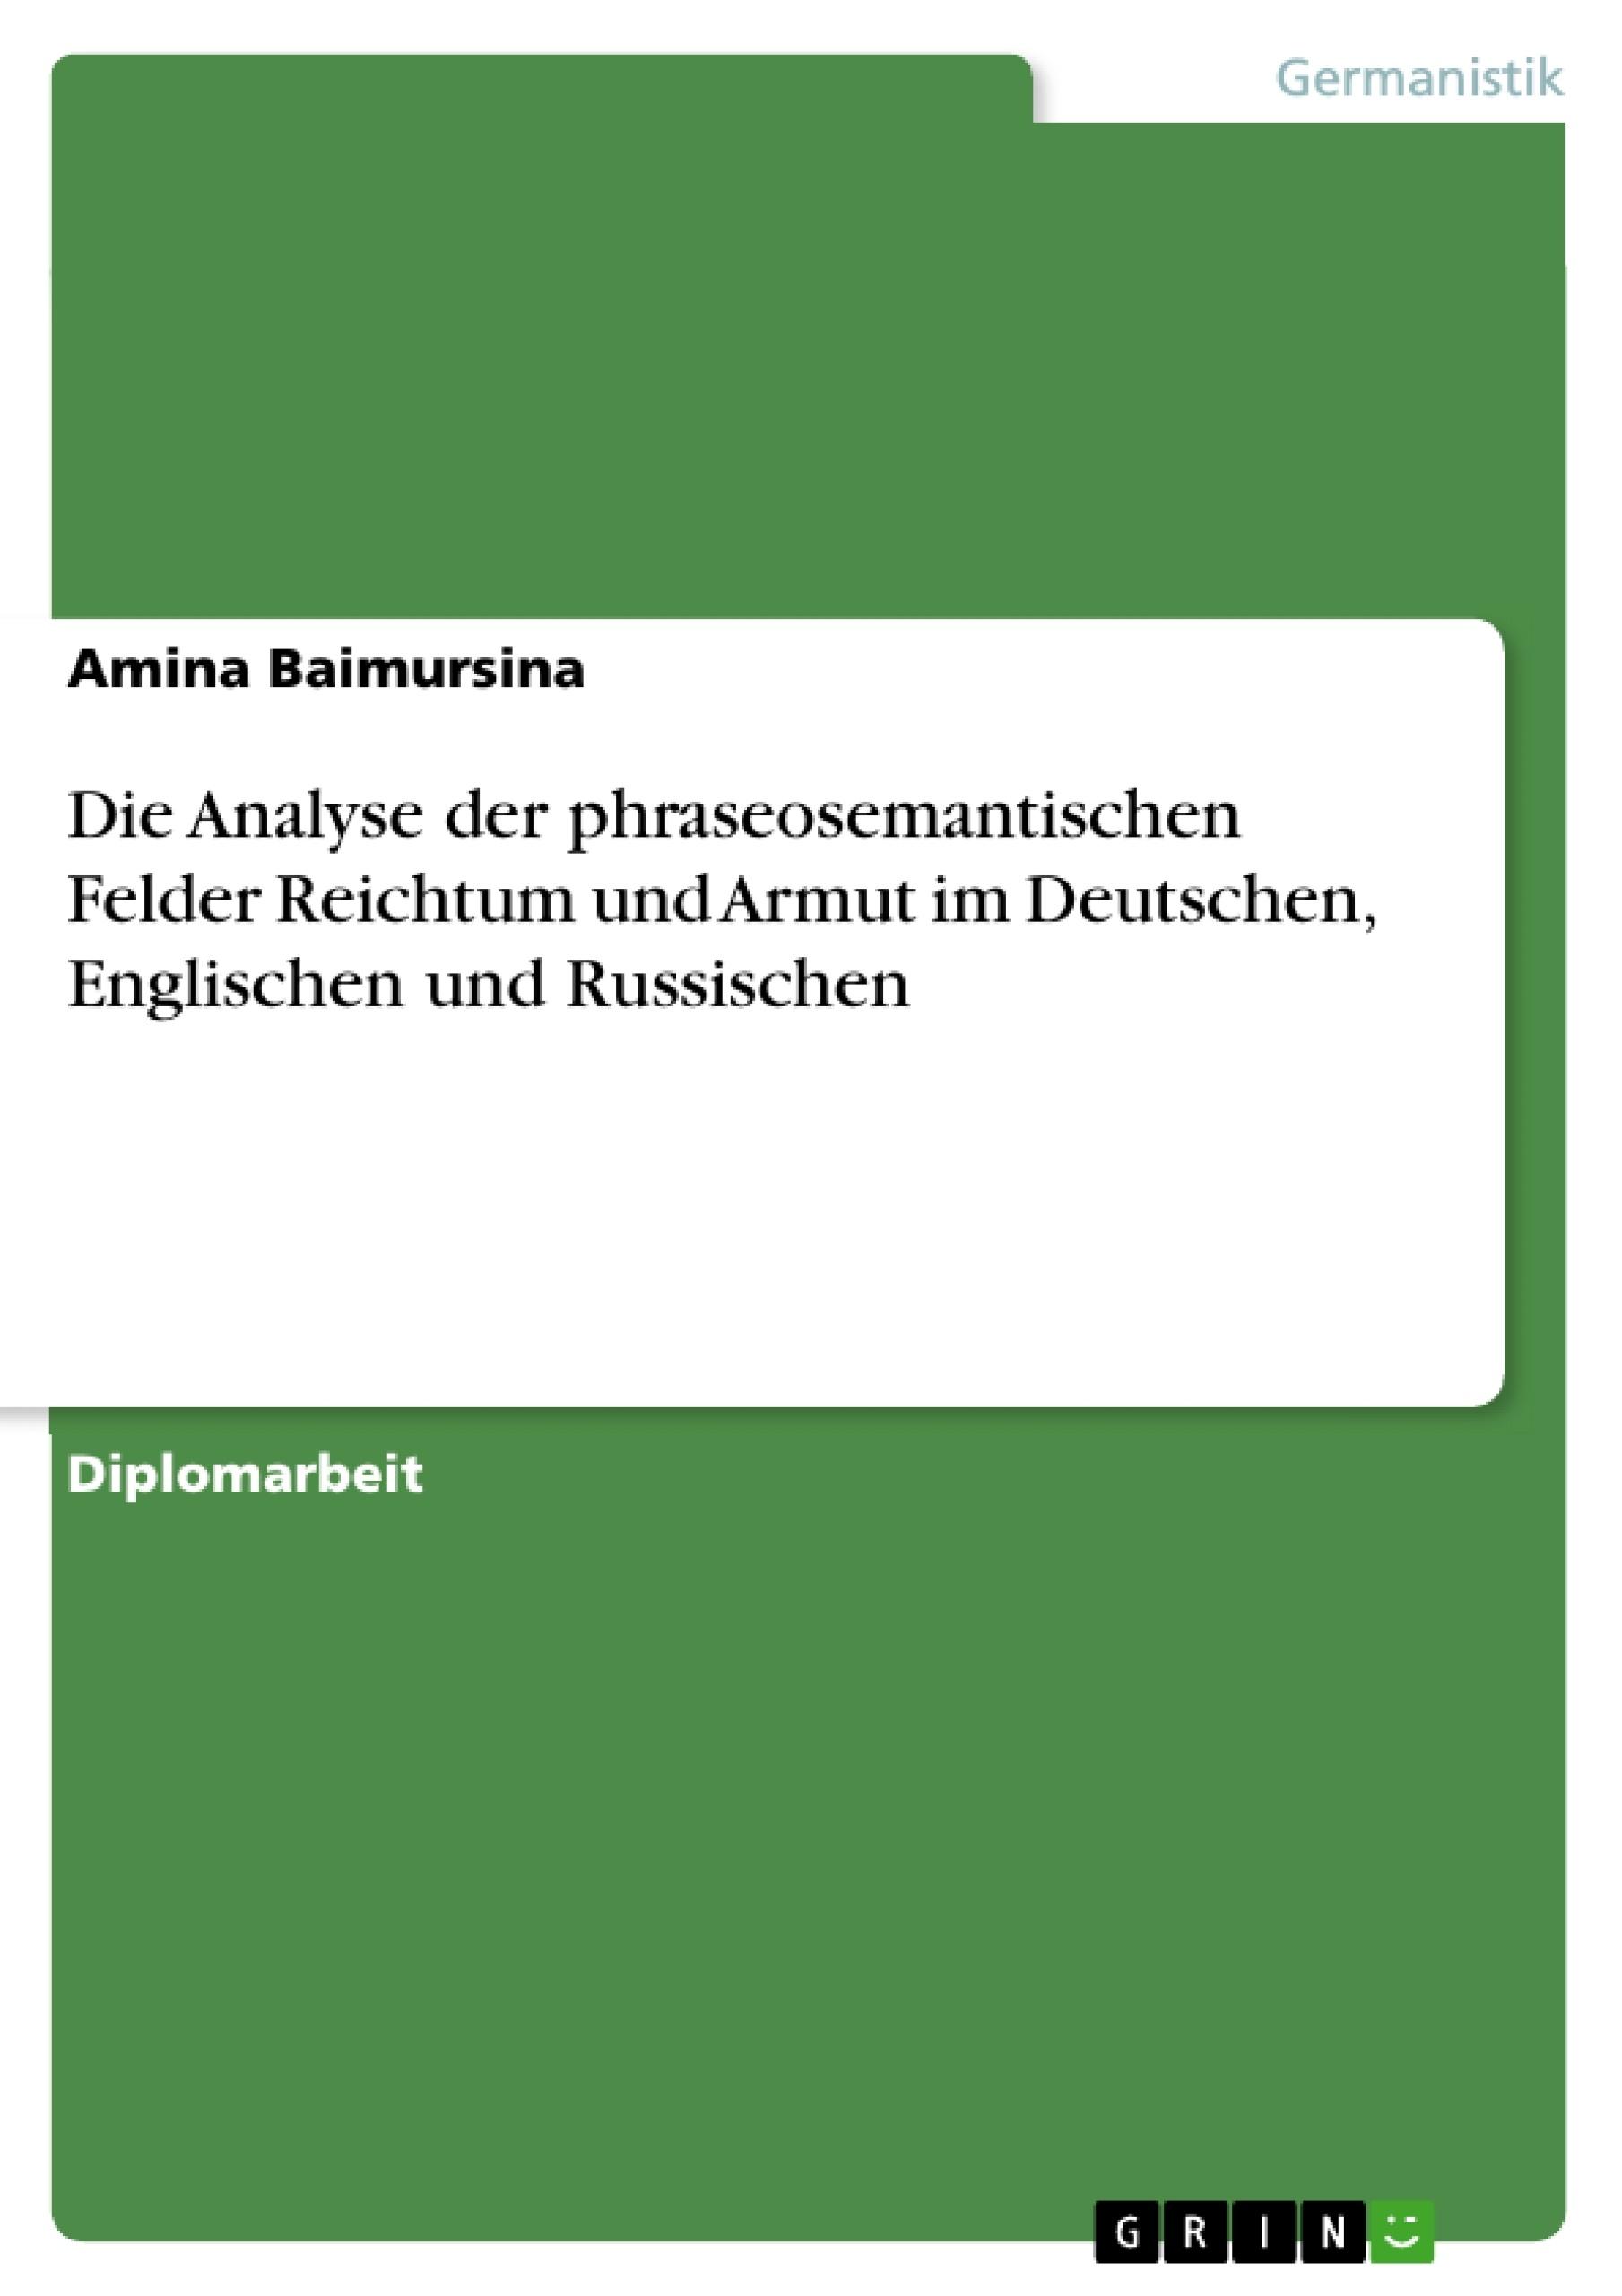 Titel: Die Analyse der phraseosemantischen Felder Reichtum und Armut im Deutschen, Englischen und Russischen